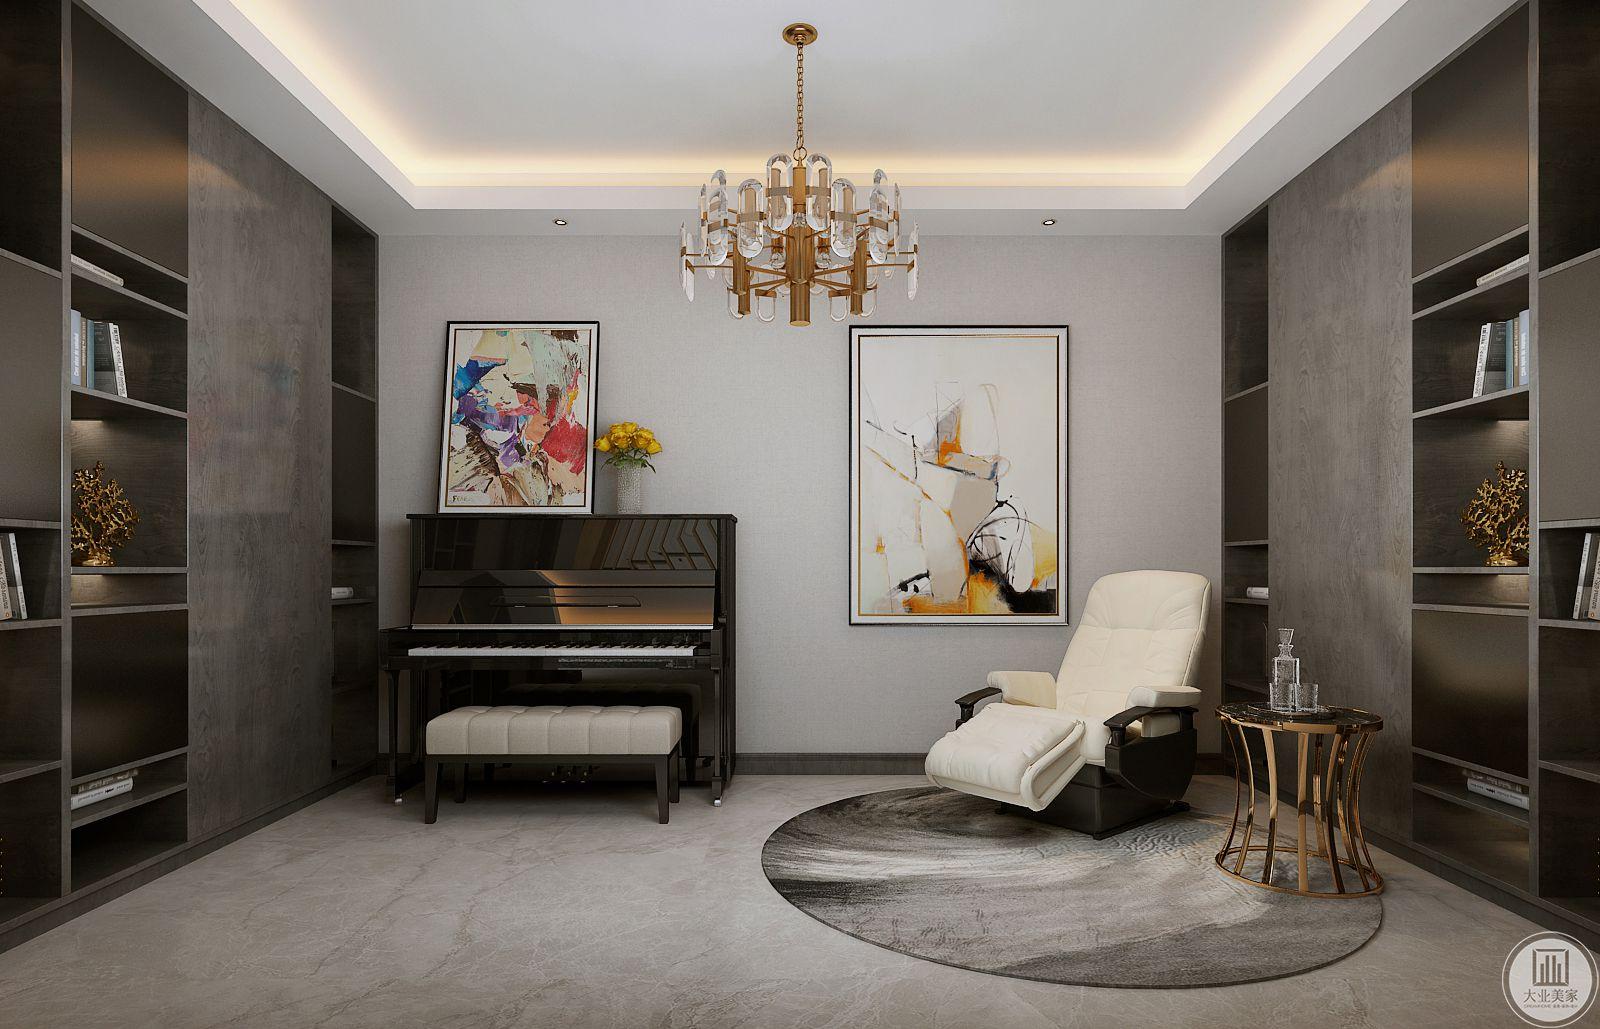 书房墙面采用壁布装饰,两侧是黑檀木收纳柜,地面采用浅灰色木纹砖,搭配深色地毯,黑色钢琴与白色躺椅展示了屋主的优雅和闲适。